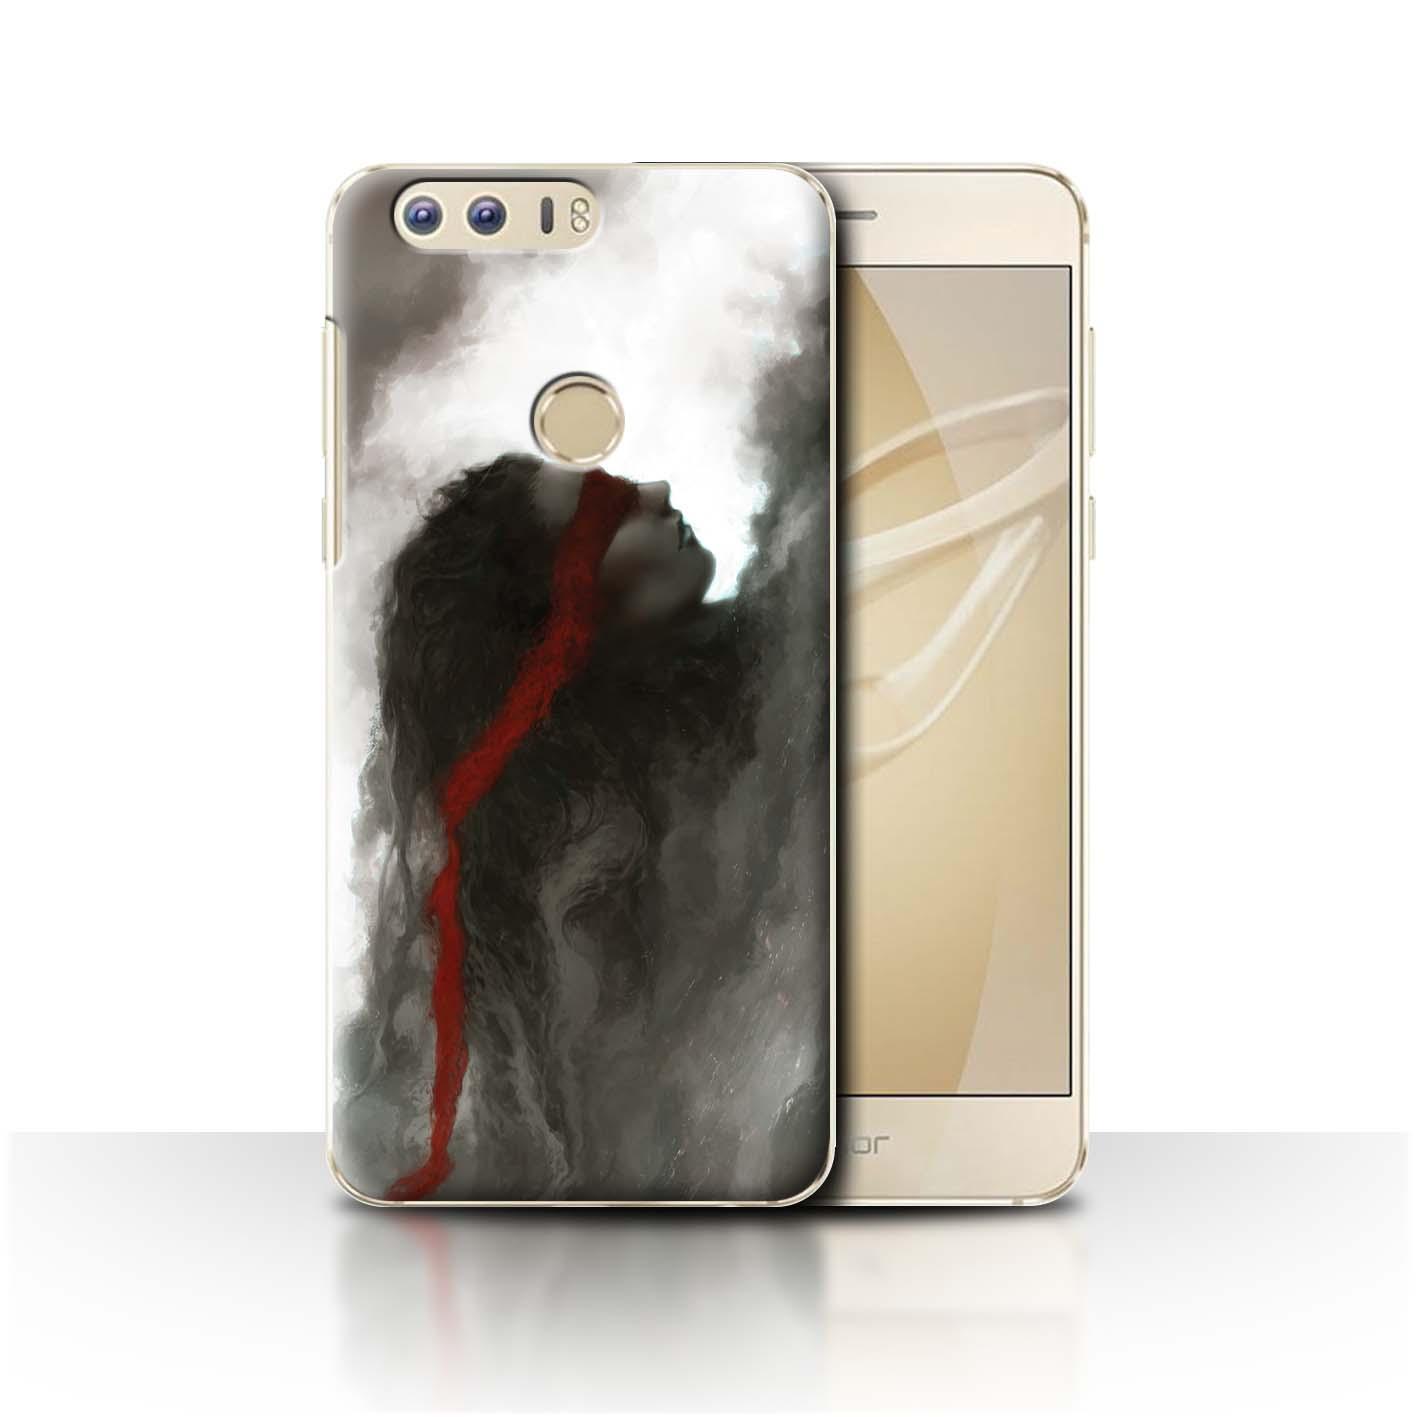 Officielle-Chris-Cold-Coque-pour-Huawei-Honor-8-Pegre-Enfer